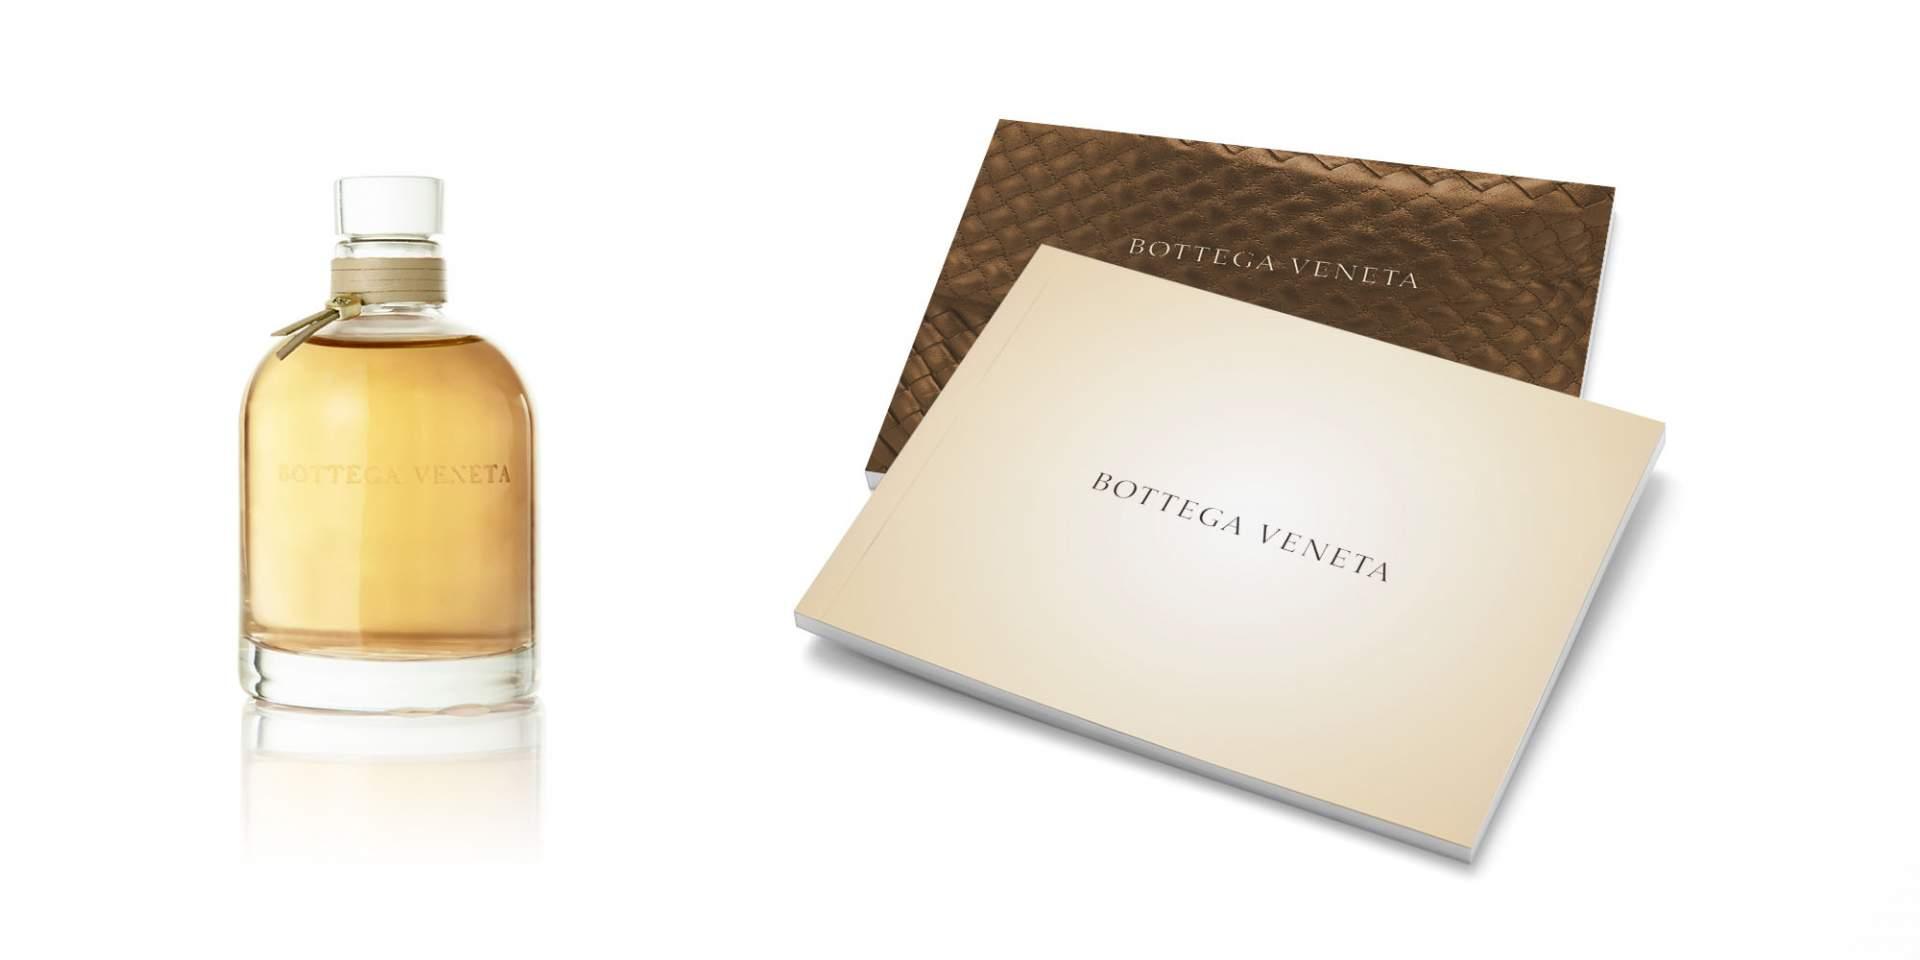 06-DA2 AGENCY-Bottega Veneta 02